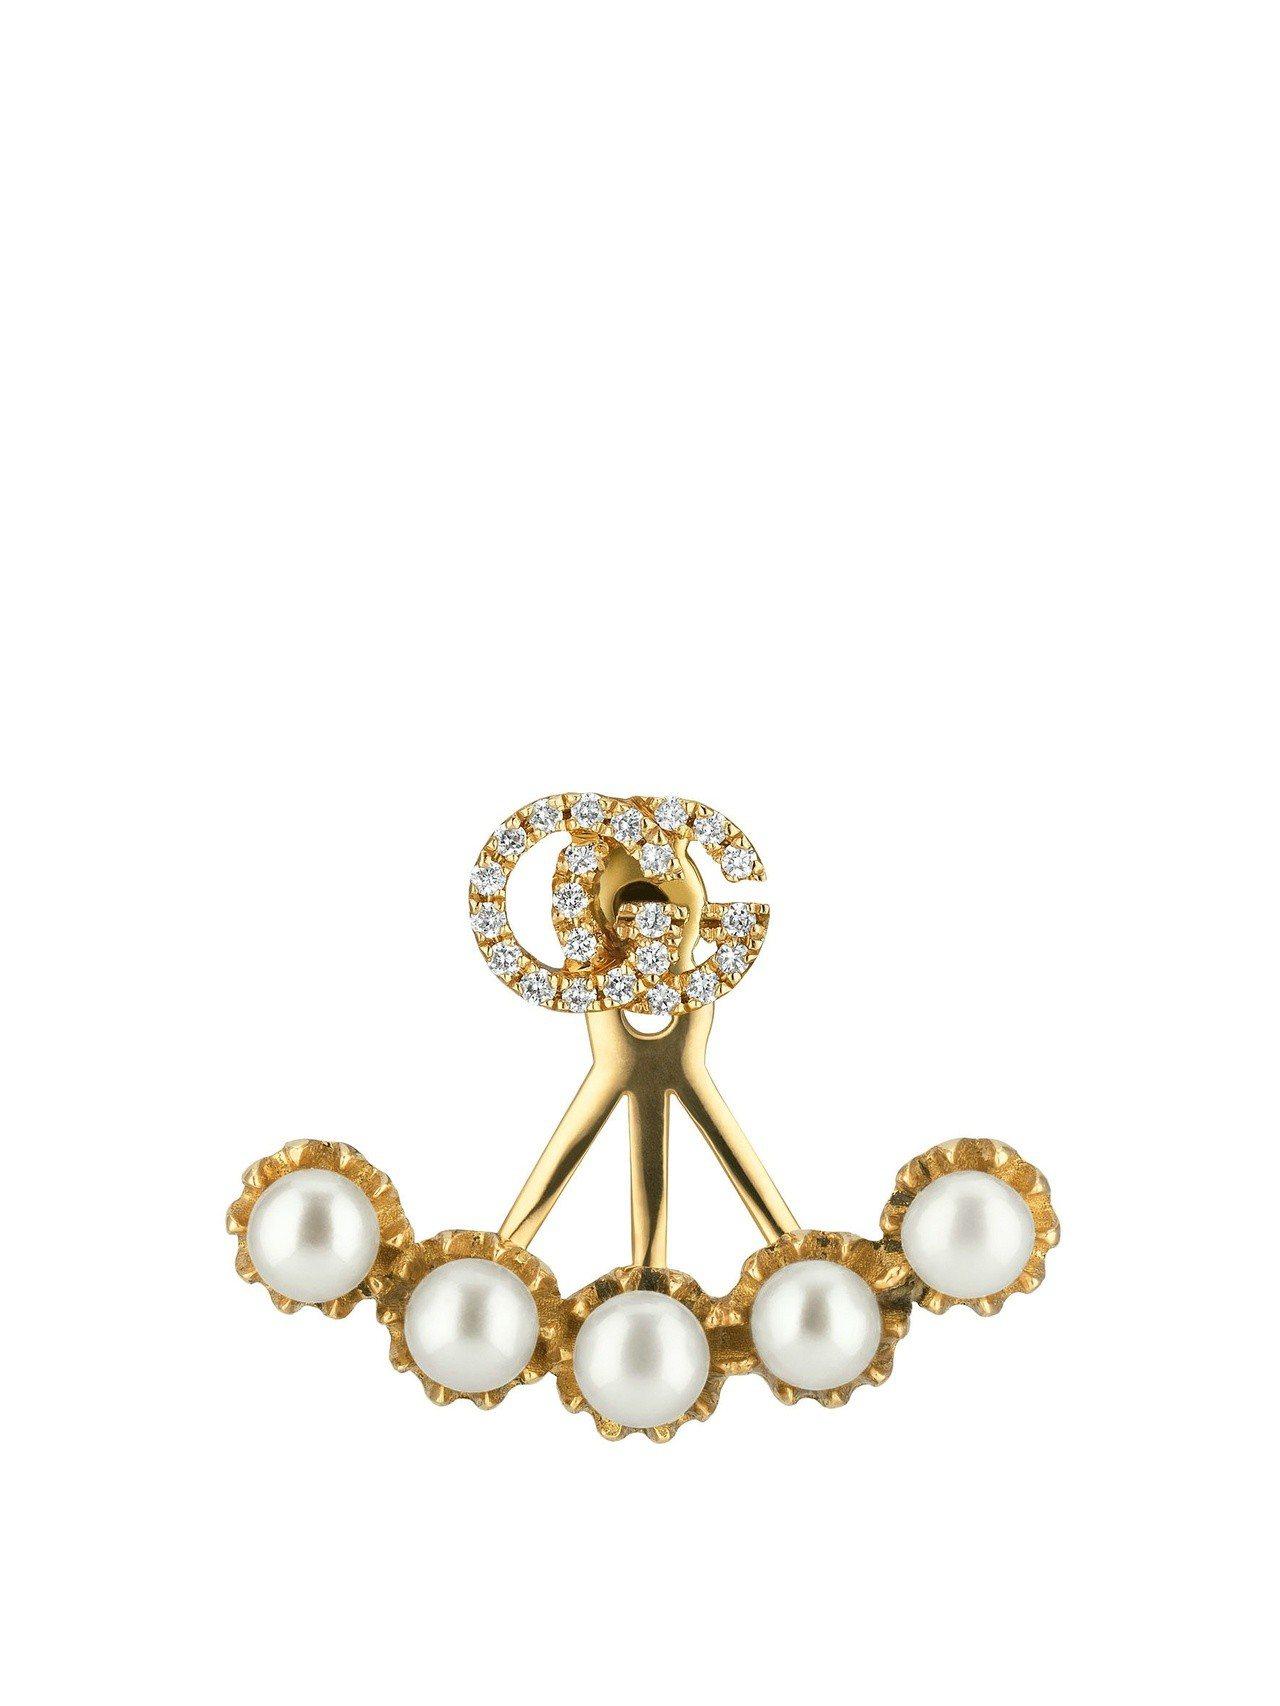 古馳18K 黃金G字珍珠鑽石耳環單耳,46,800元。圖/古馳提供